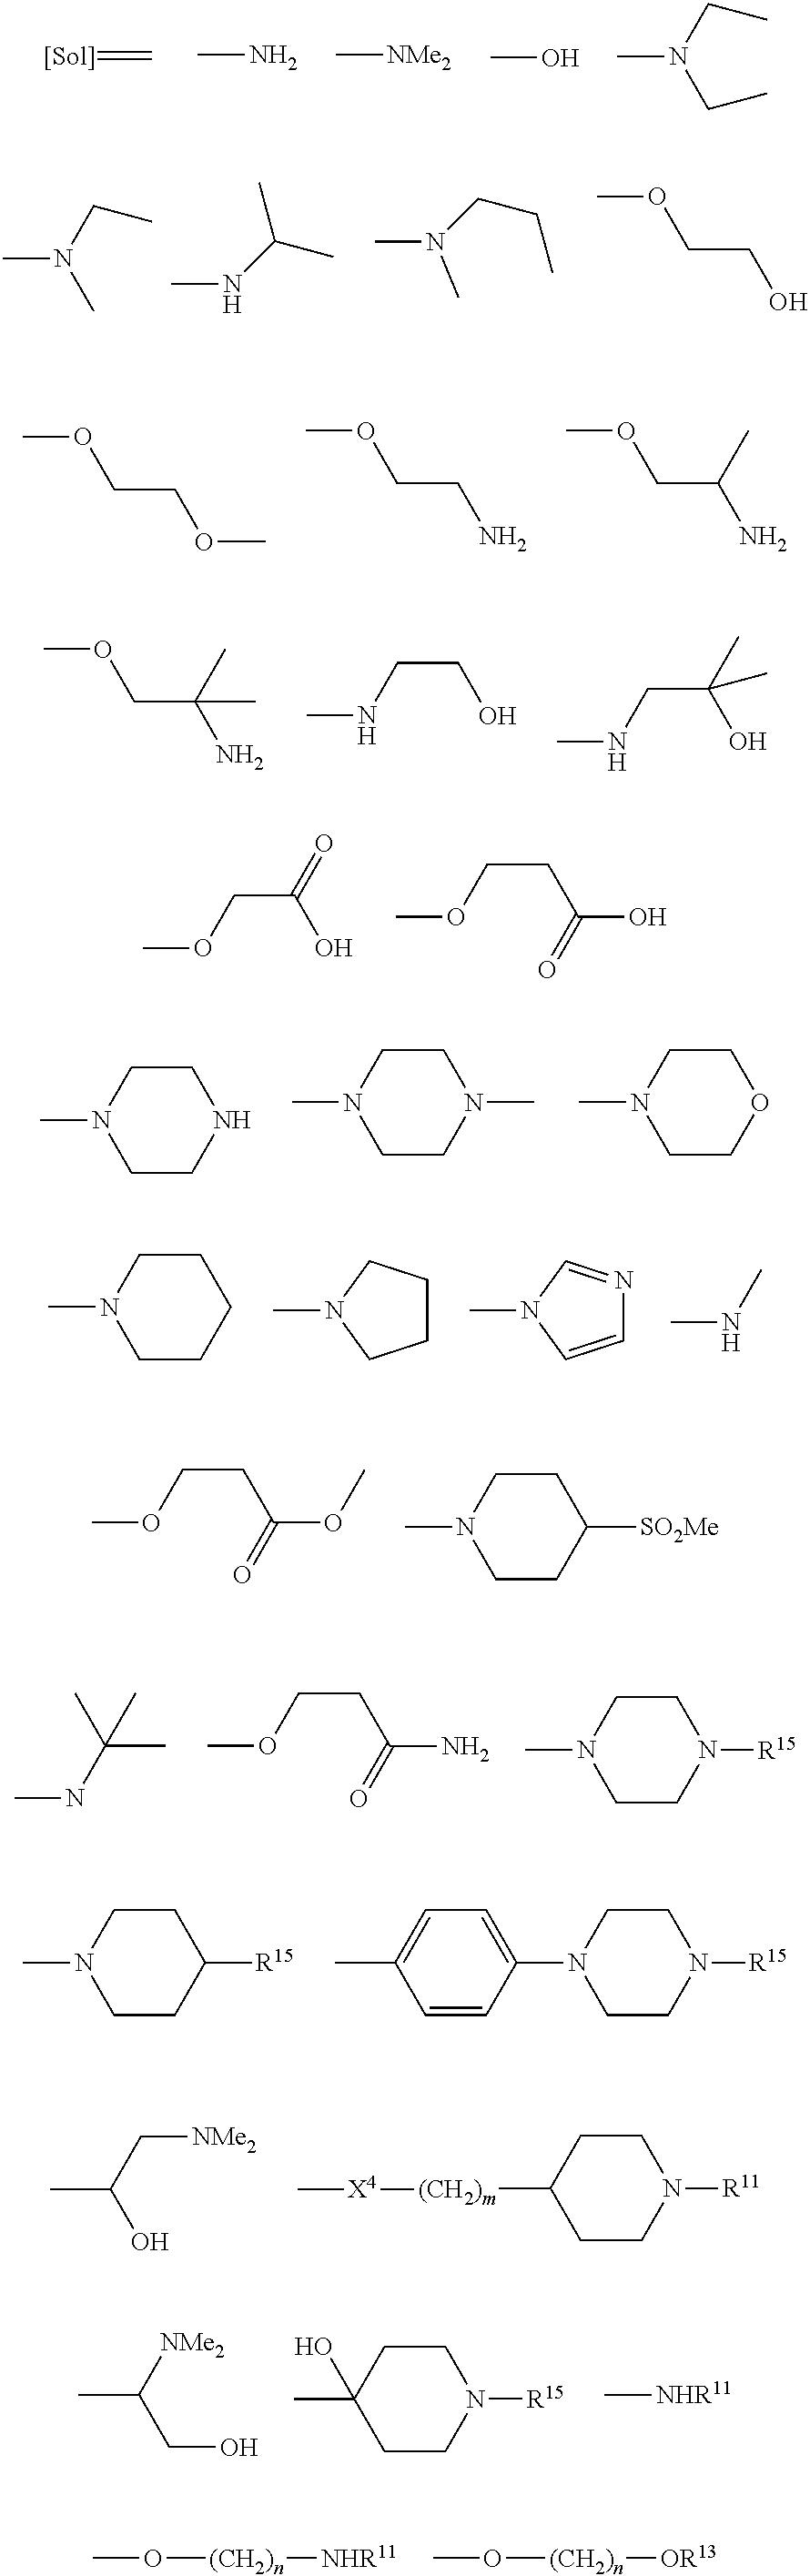 Figure US08383619-20130226-C00010